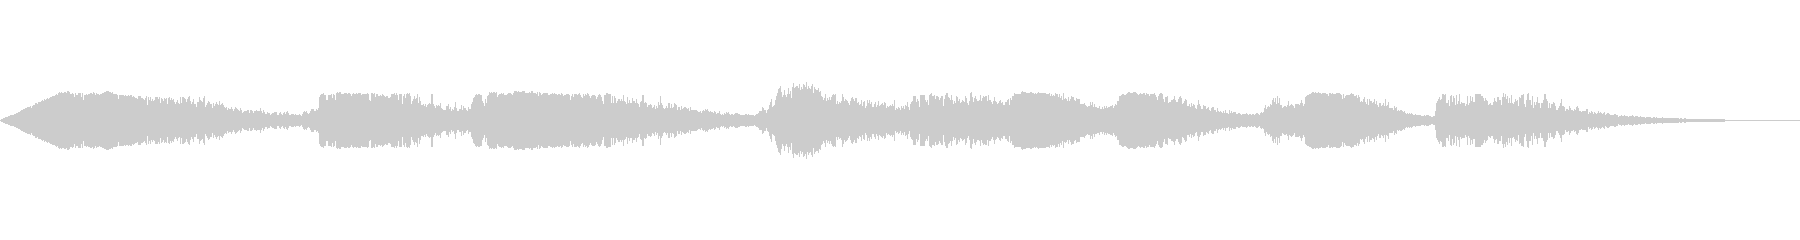 宇宙災害:ヒット作Sci Fi音楽...の未再生の波形